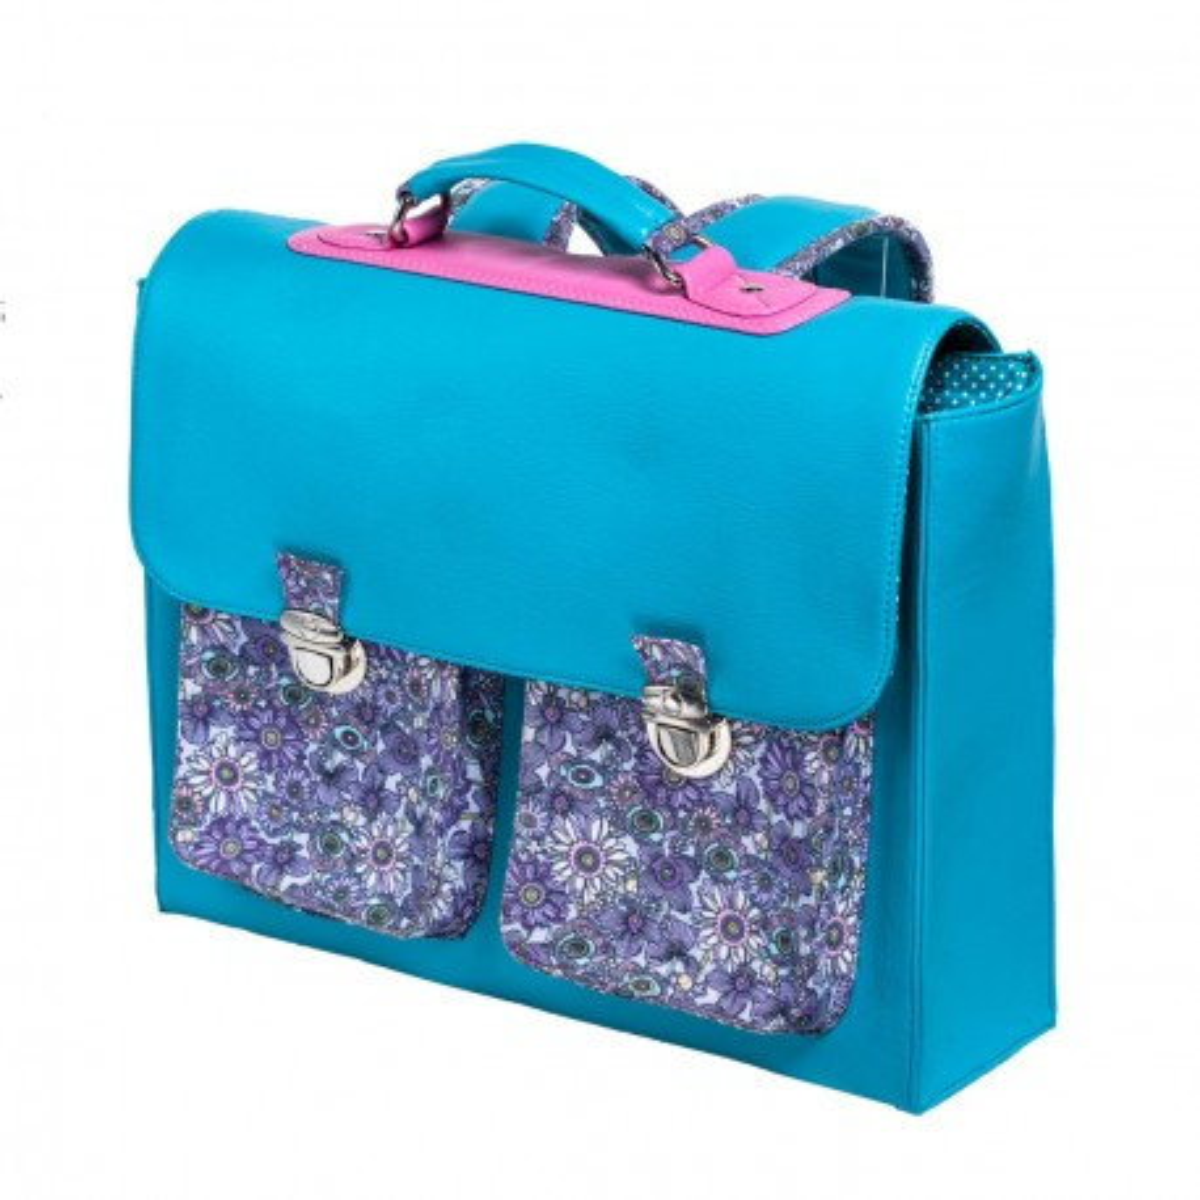 Cartable primaire fille bleu et violet fleurs Lola